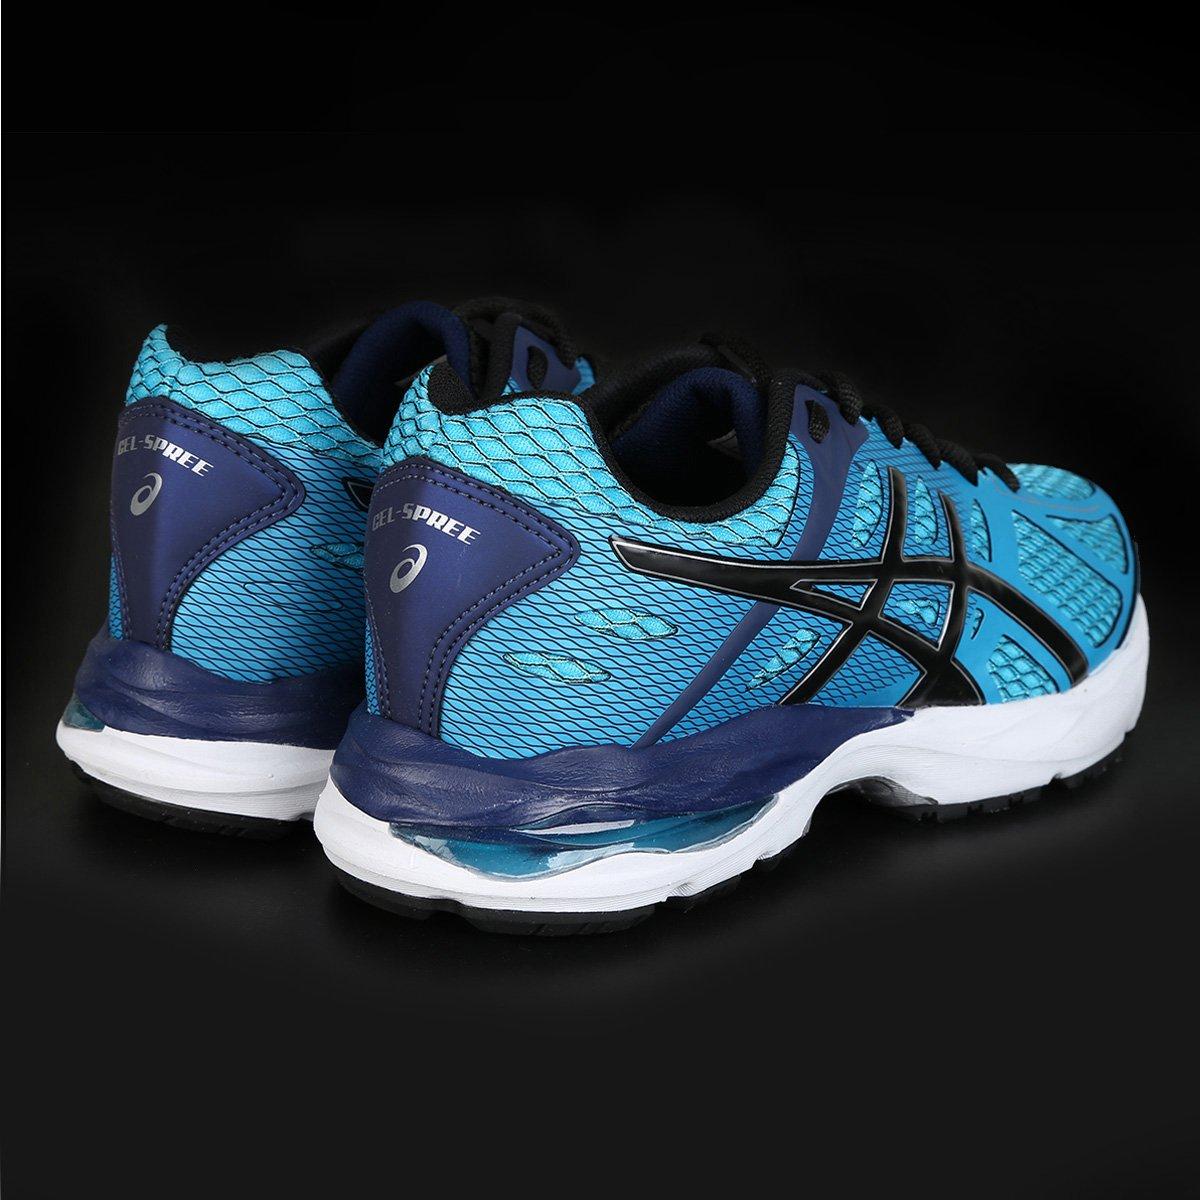 Tênis Asics Gel Spree Masculino - Azul e Preto - Compre Agora  22480d7ebb247